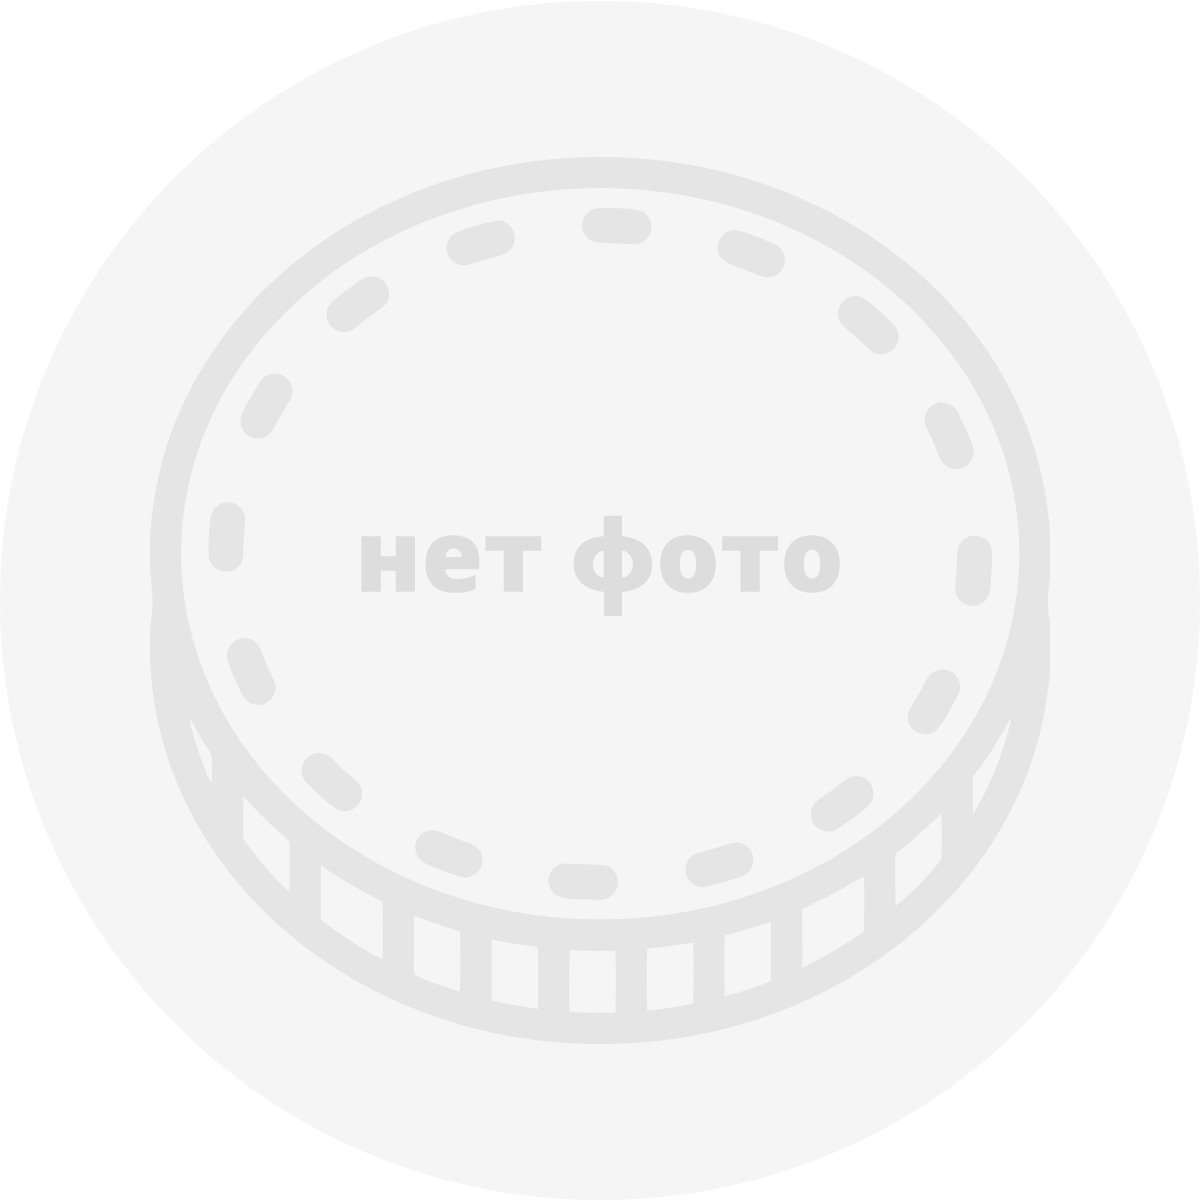 Альбом для монет России серии «ГОРОДА-СТОЛИЦЫ» 2